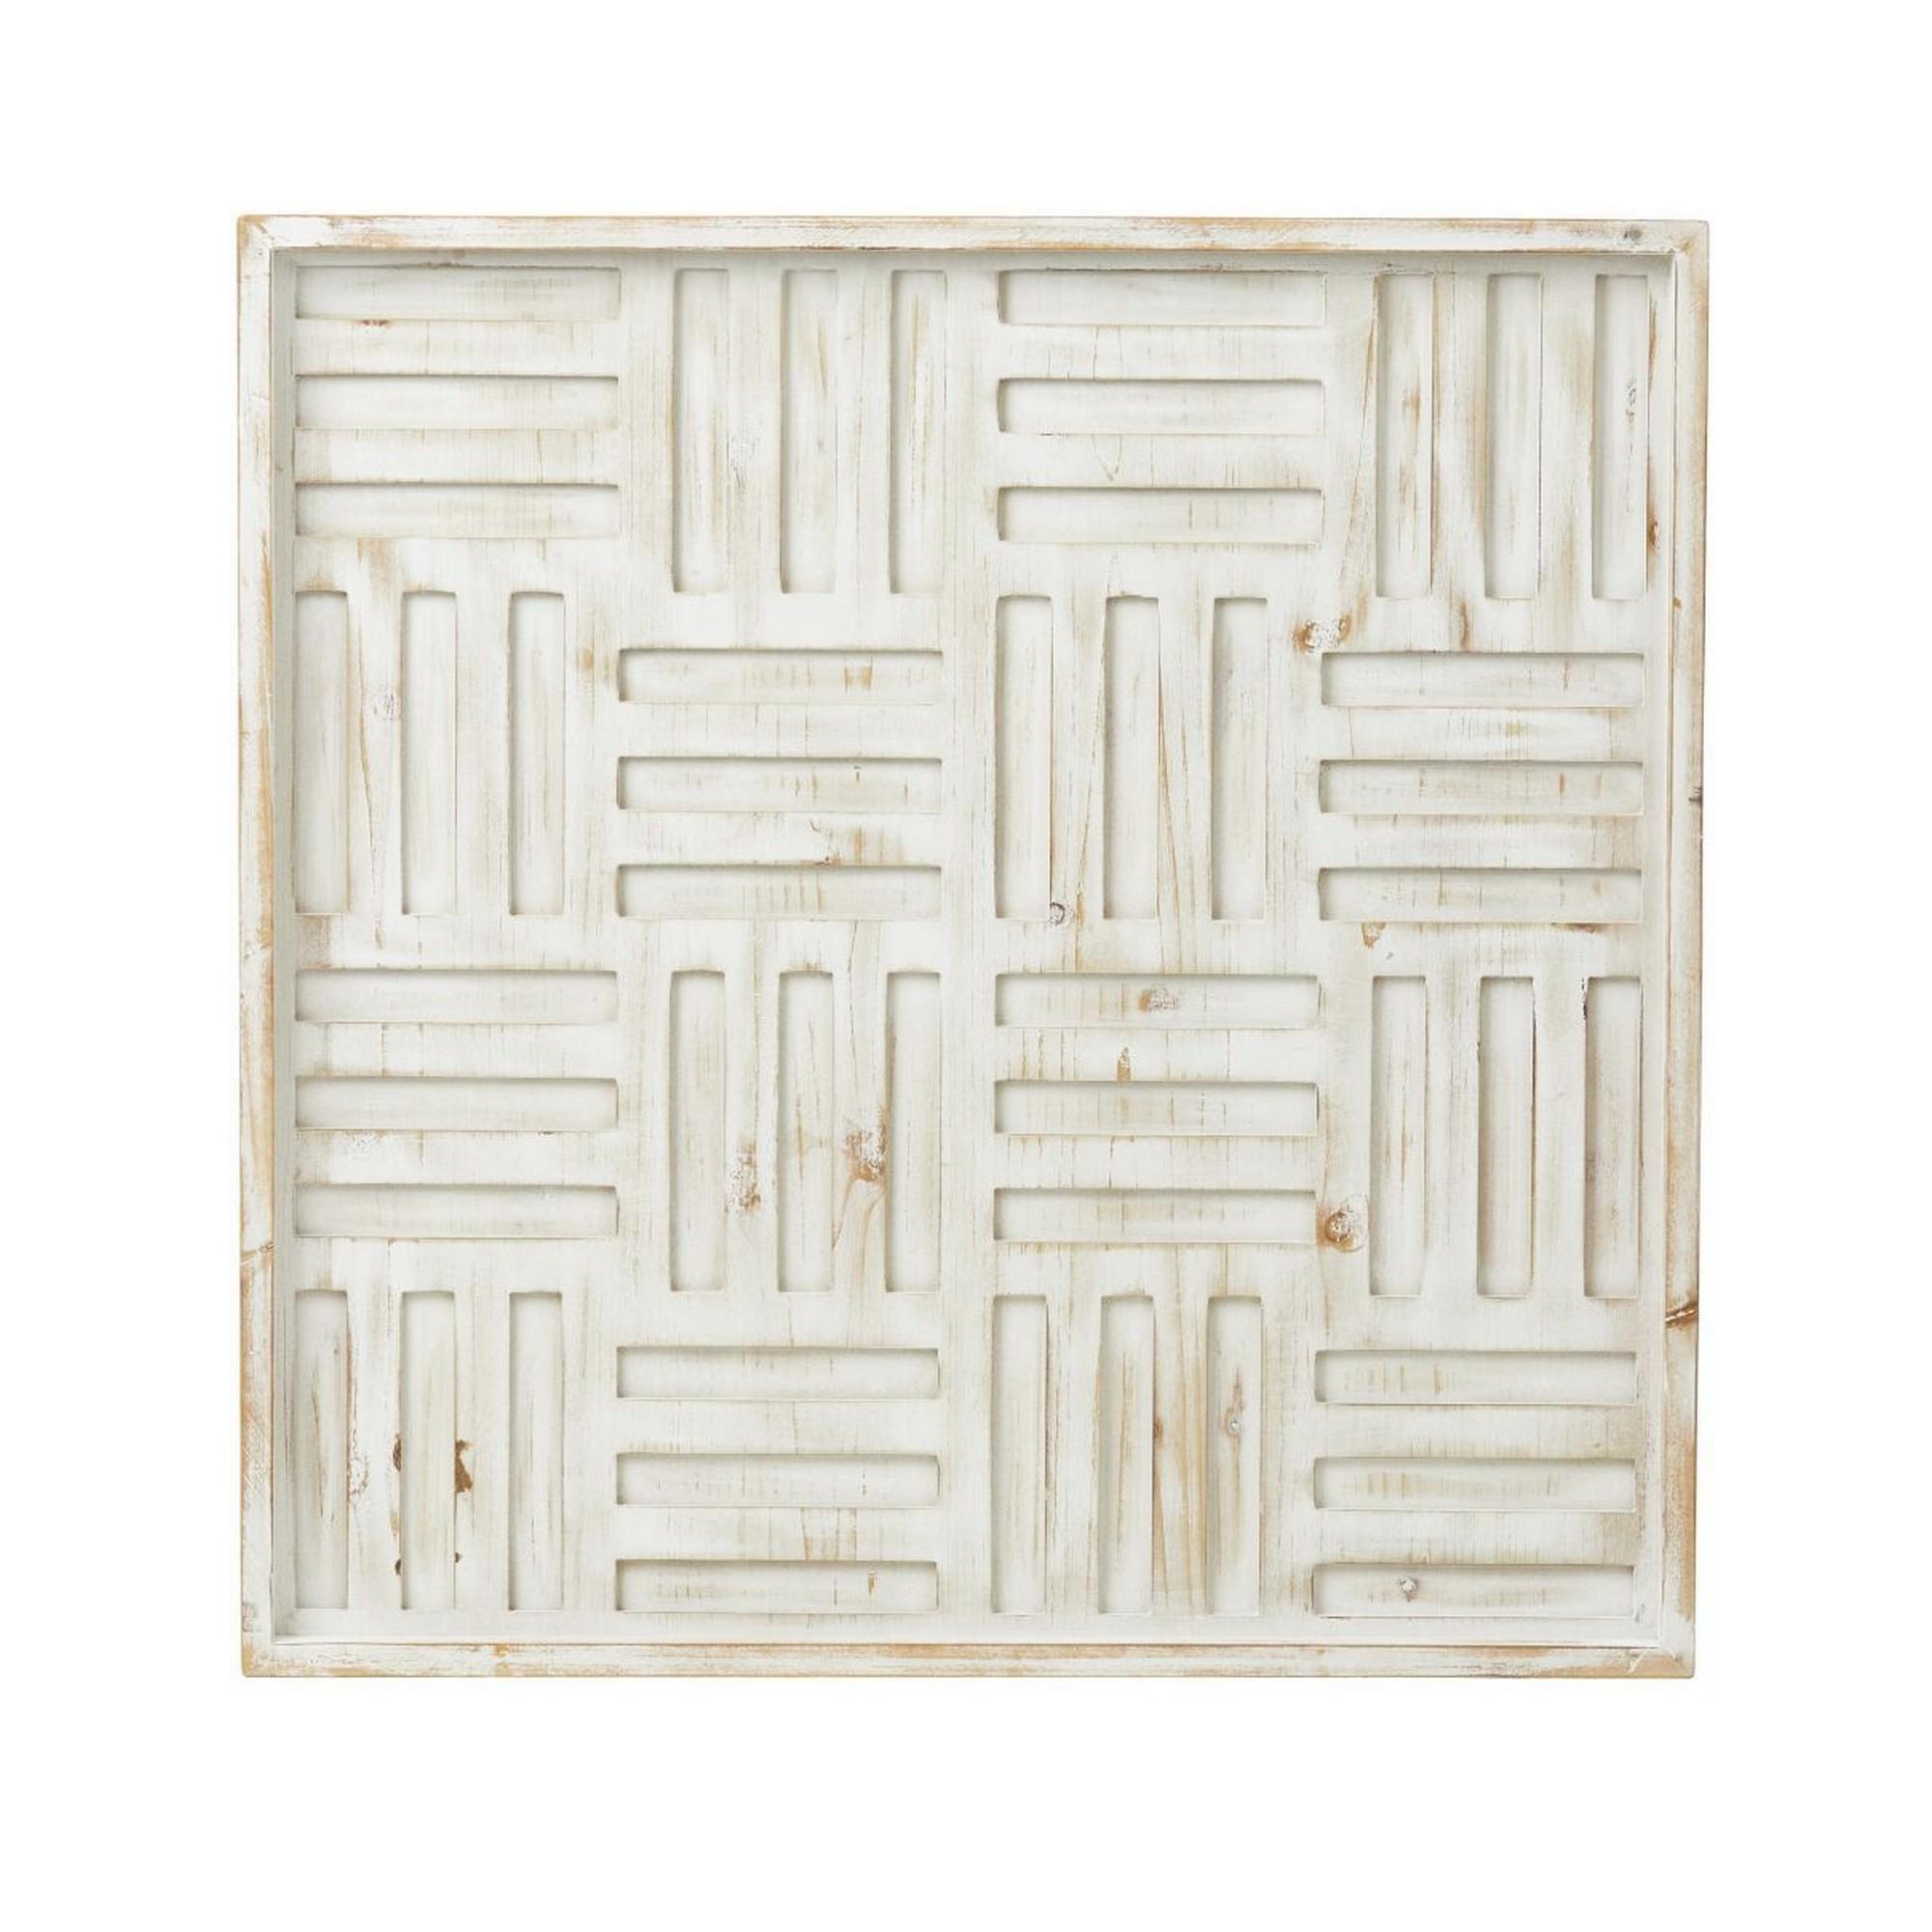 Labyrinth Fir Timber Wall Decor, 60cm